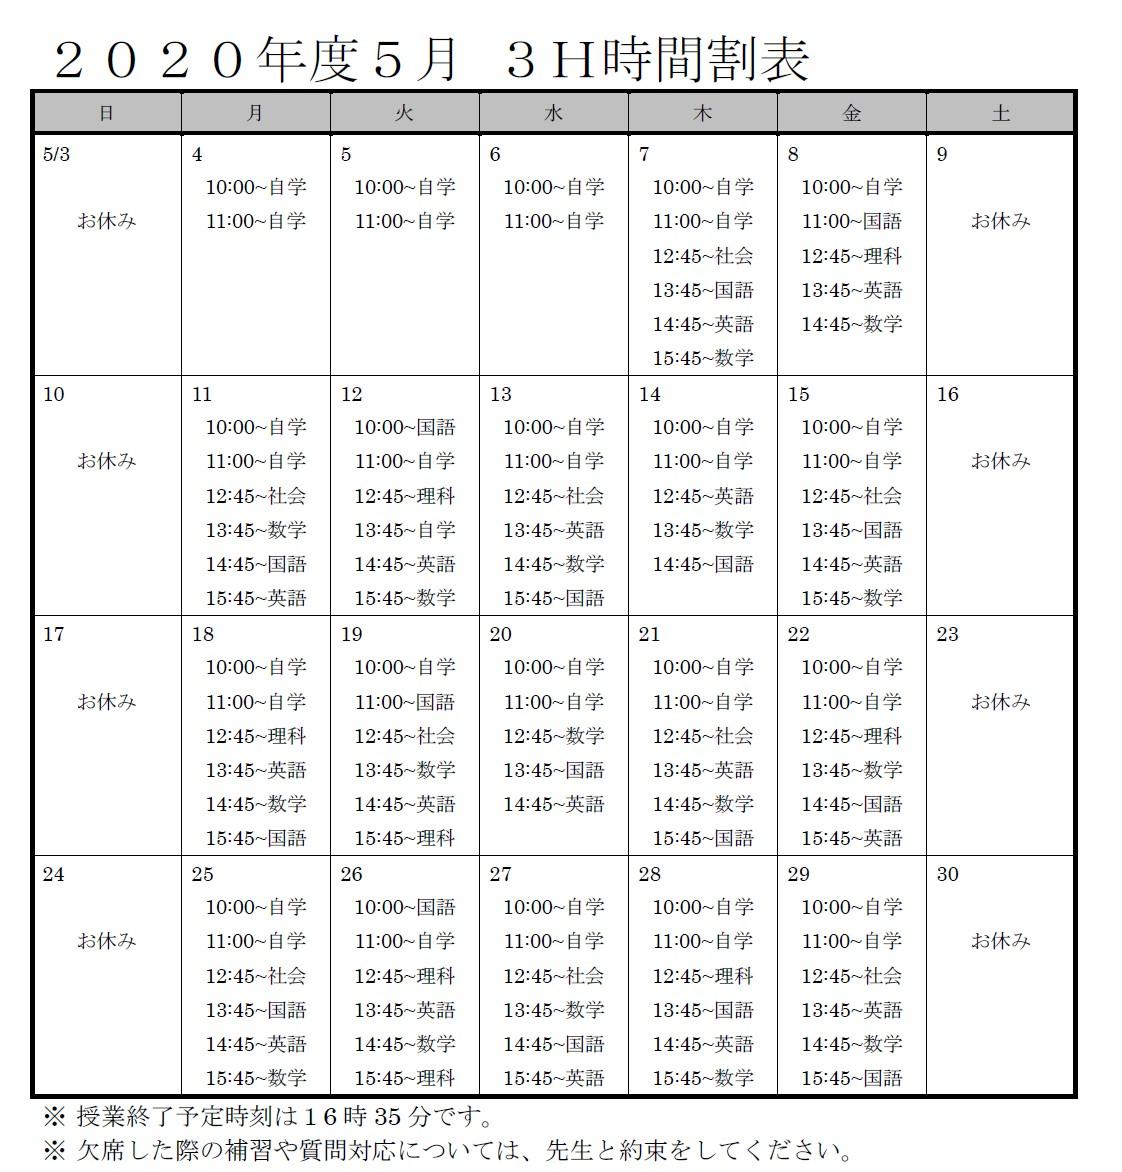 f:id:MiyanagaYusuke:20200506112929j:plain